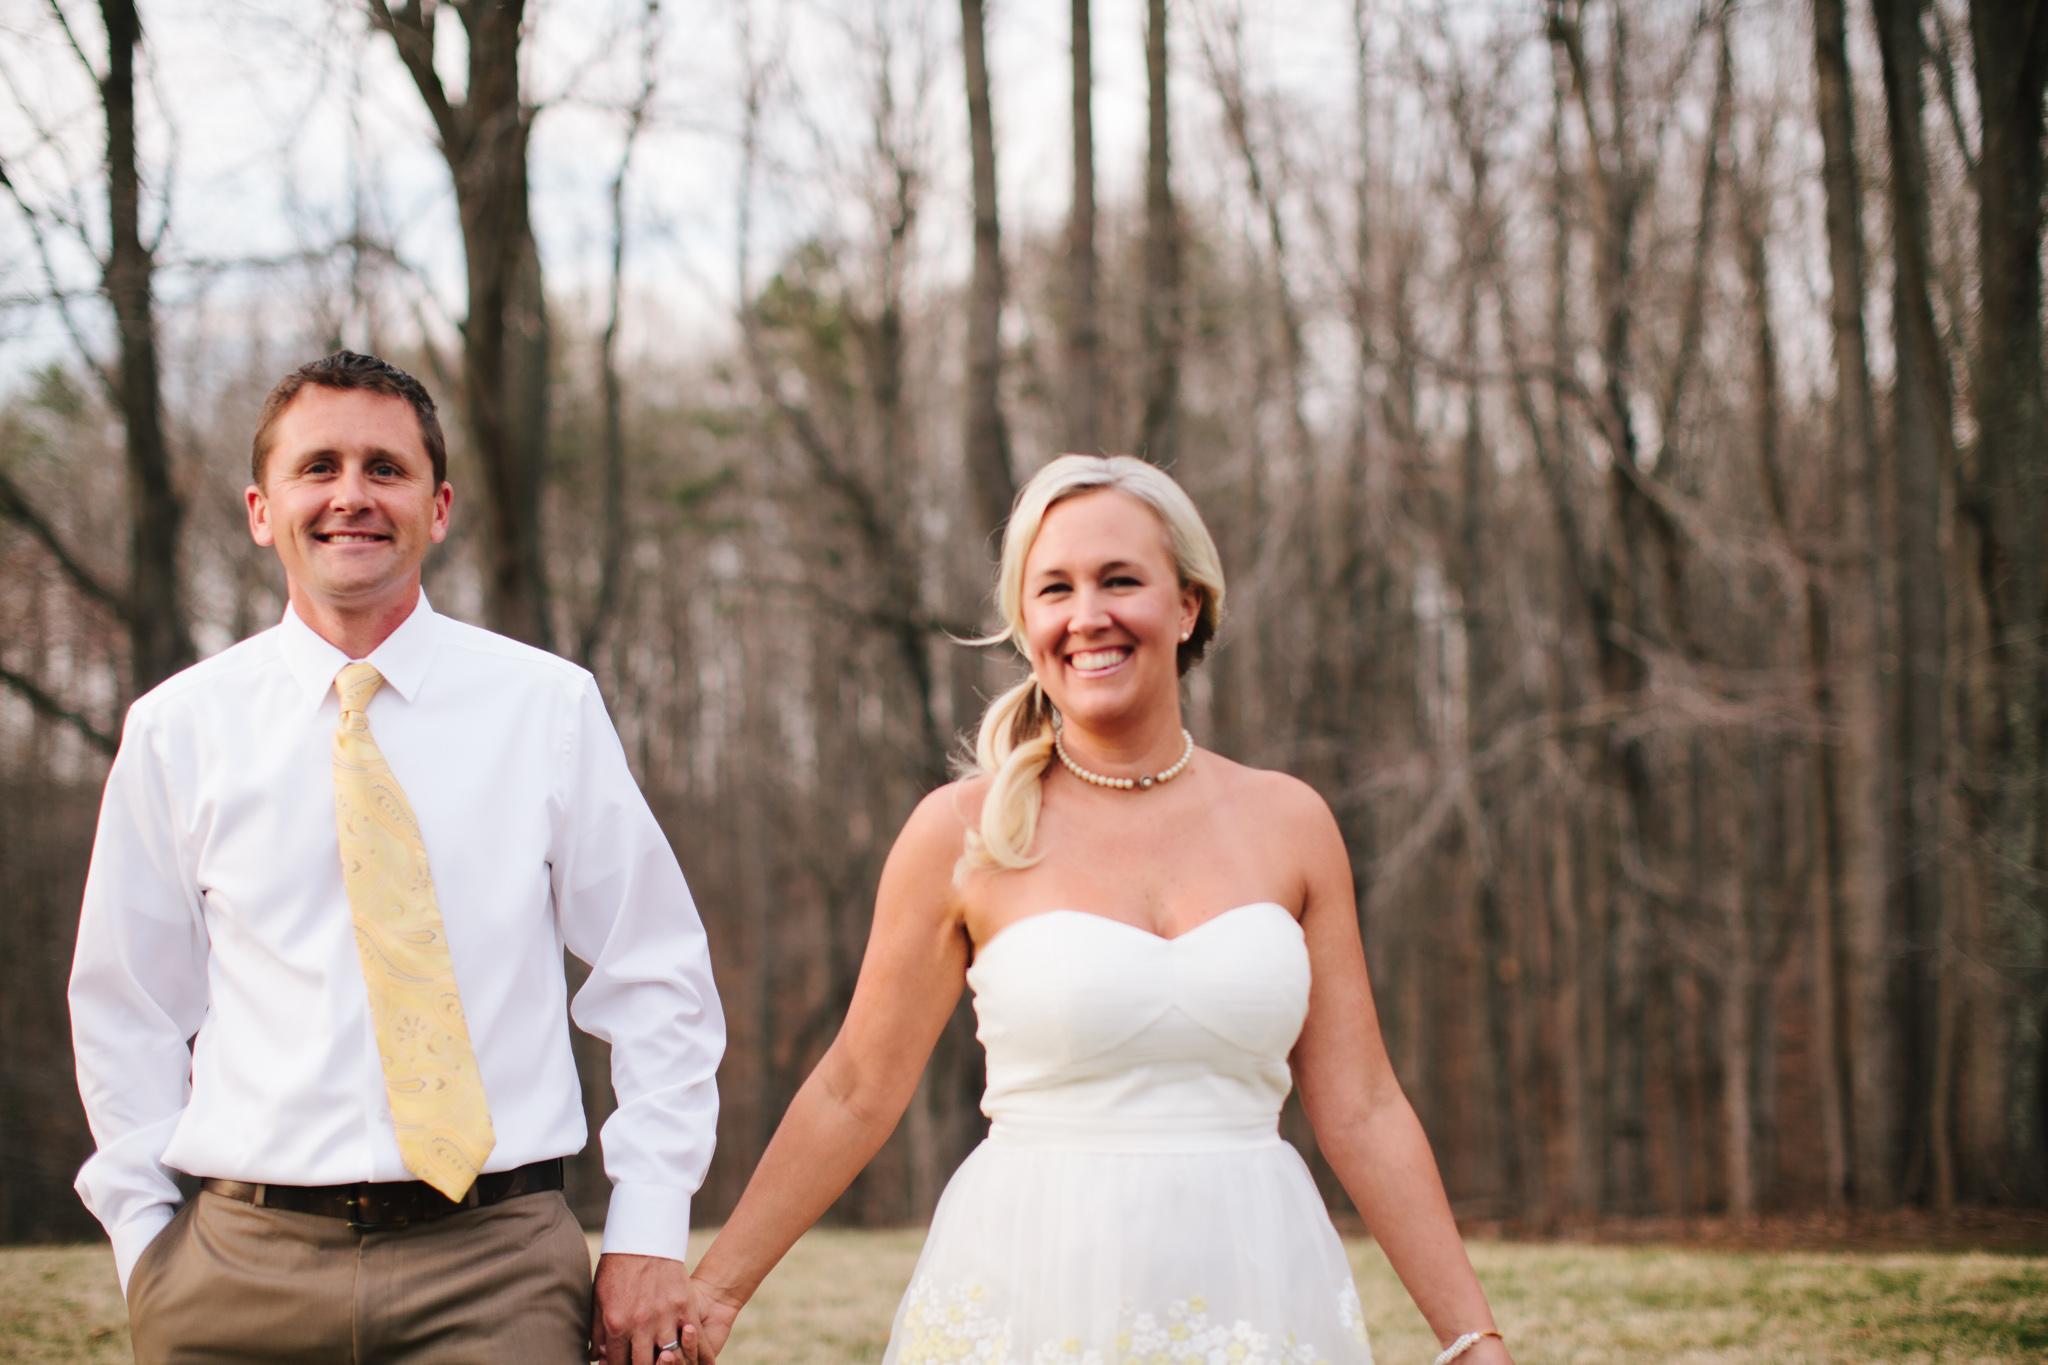 north_carolina_wedding_portraits_tierney_cyanne_photography_1457.jpg